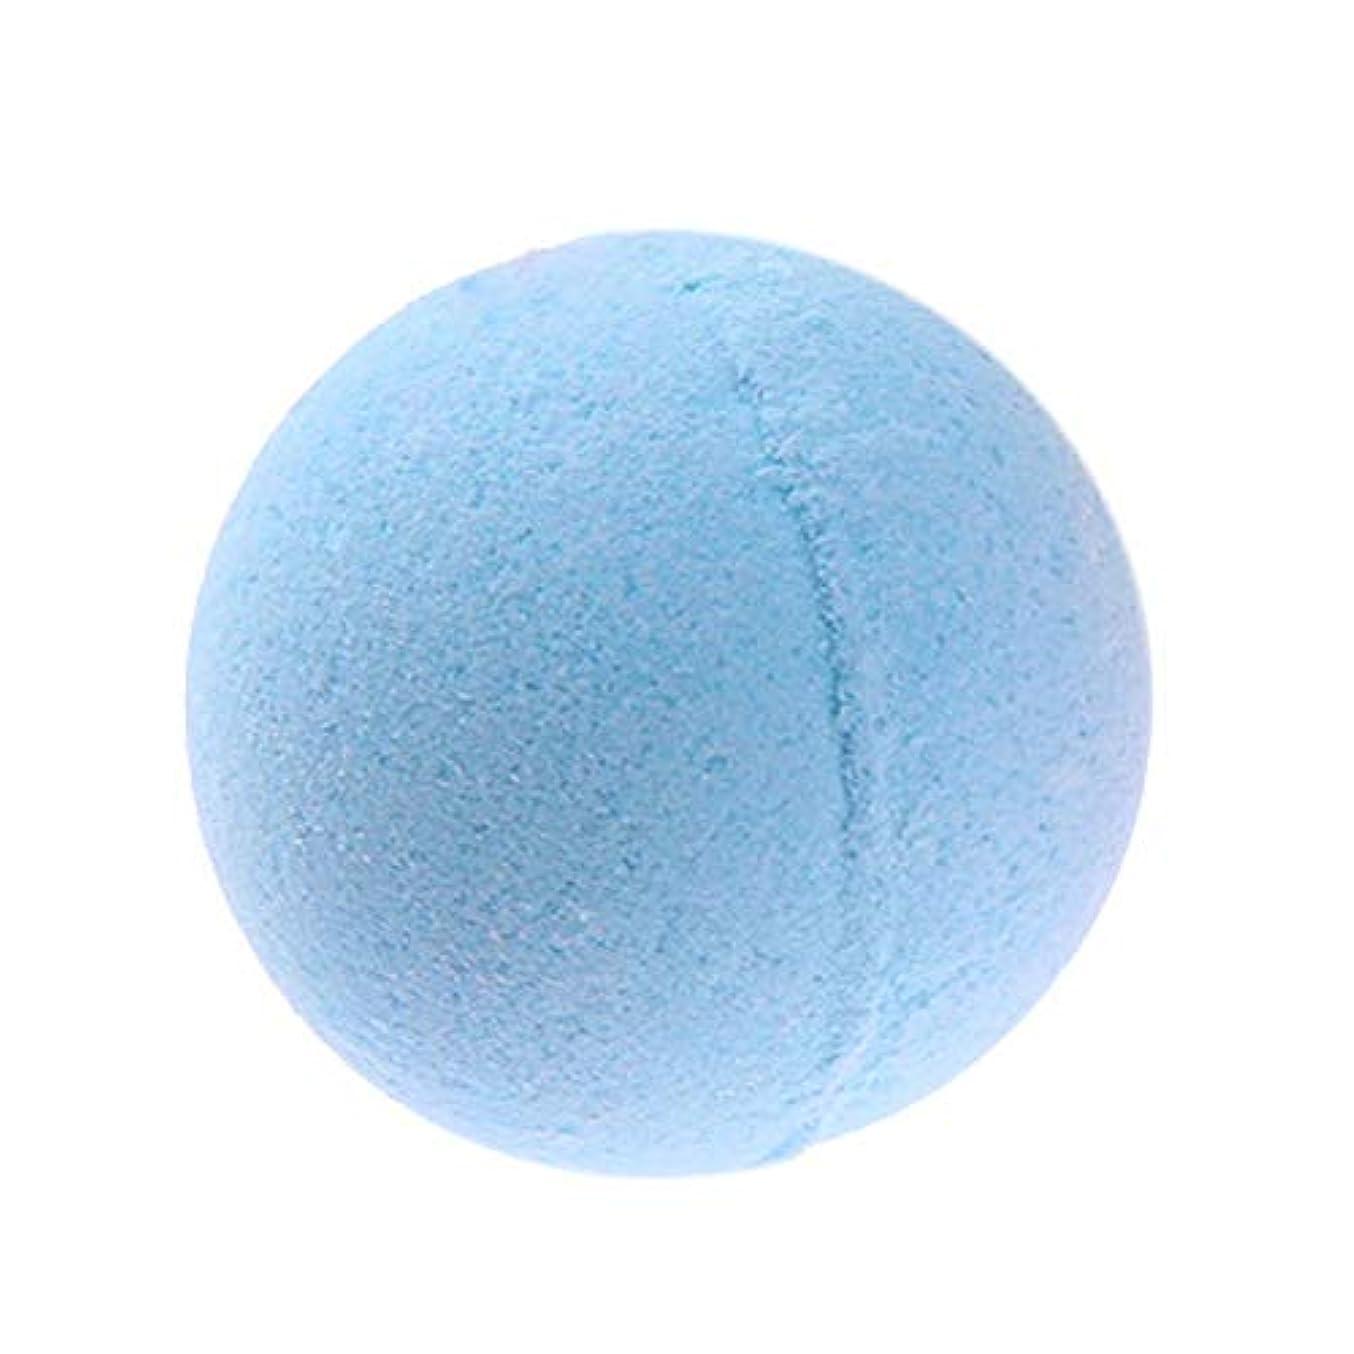 降伏熱帯の低下バスボール ボディスキンホワイトニング バスソルト リラックス ストレスリリーフ バブルシャワー 爆弾ボール 1pc Lushandy